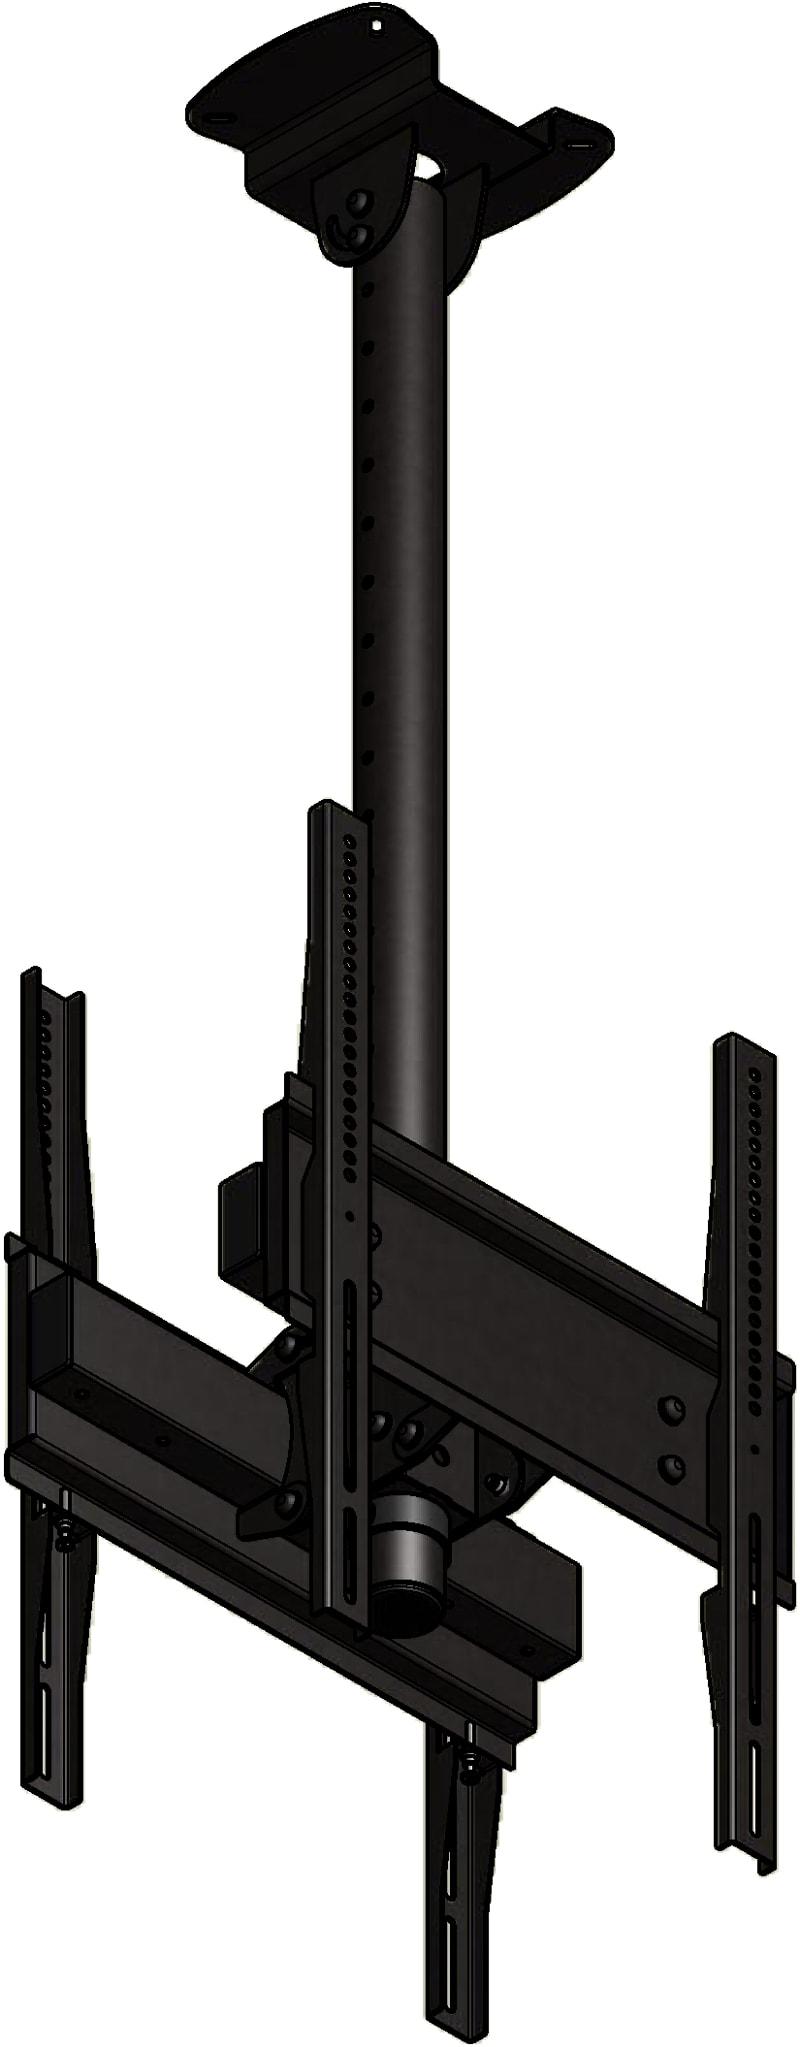 LC-US1155BB-P - Uchwyt sufitowy do 2 TV - Uchwyty do sufitu